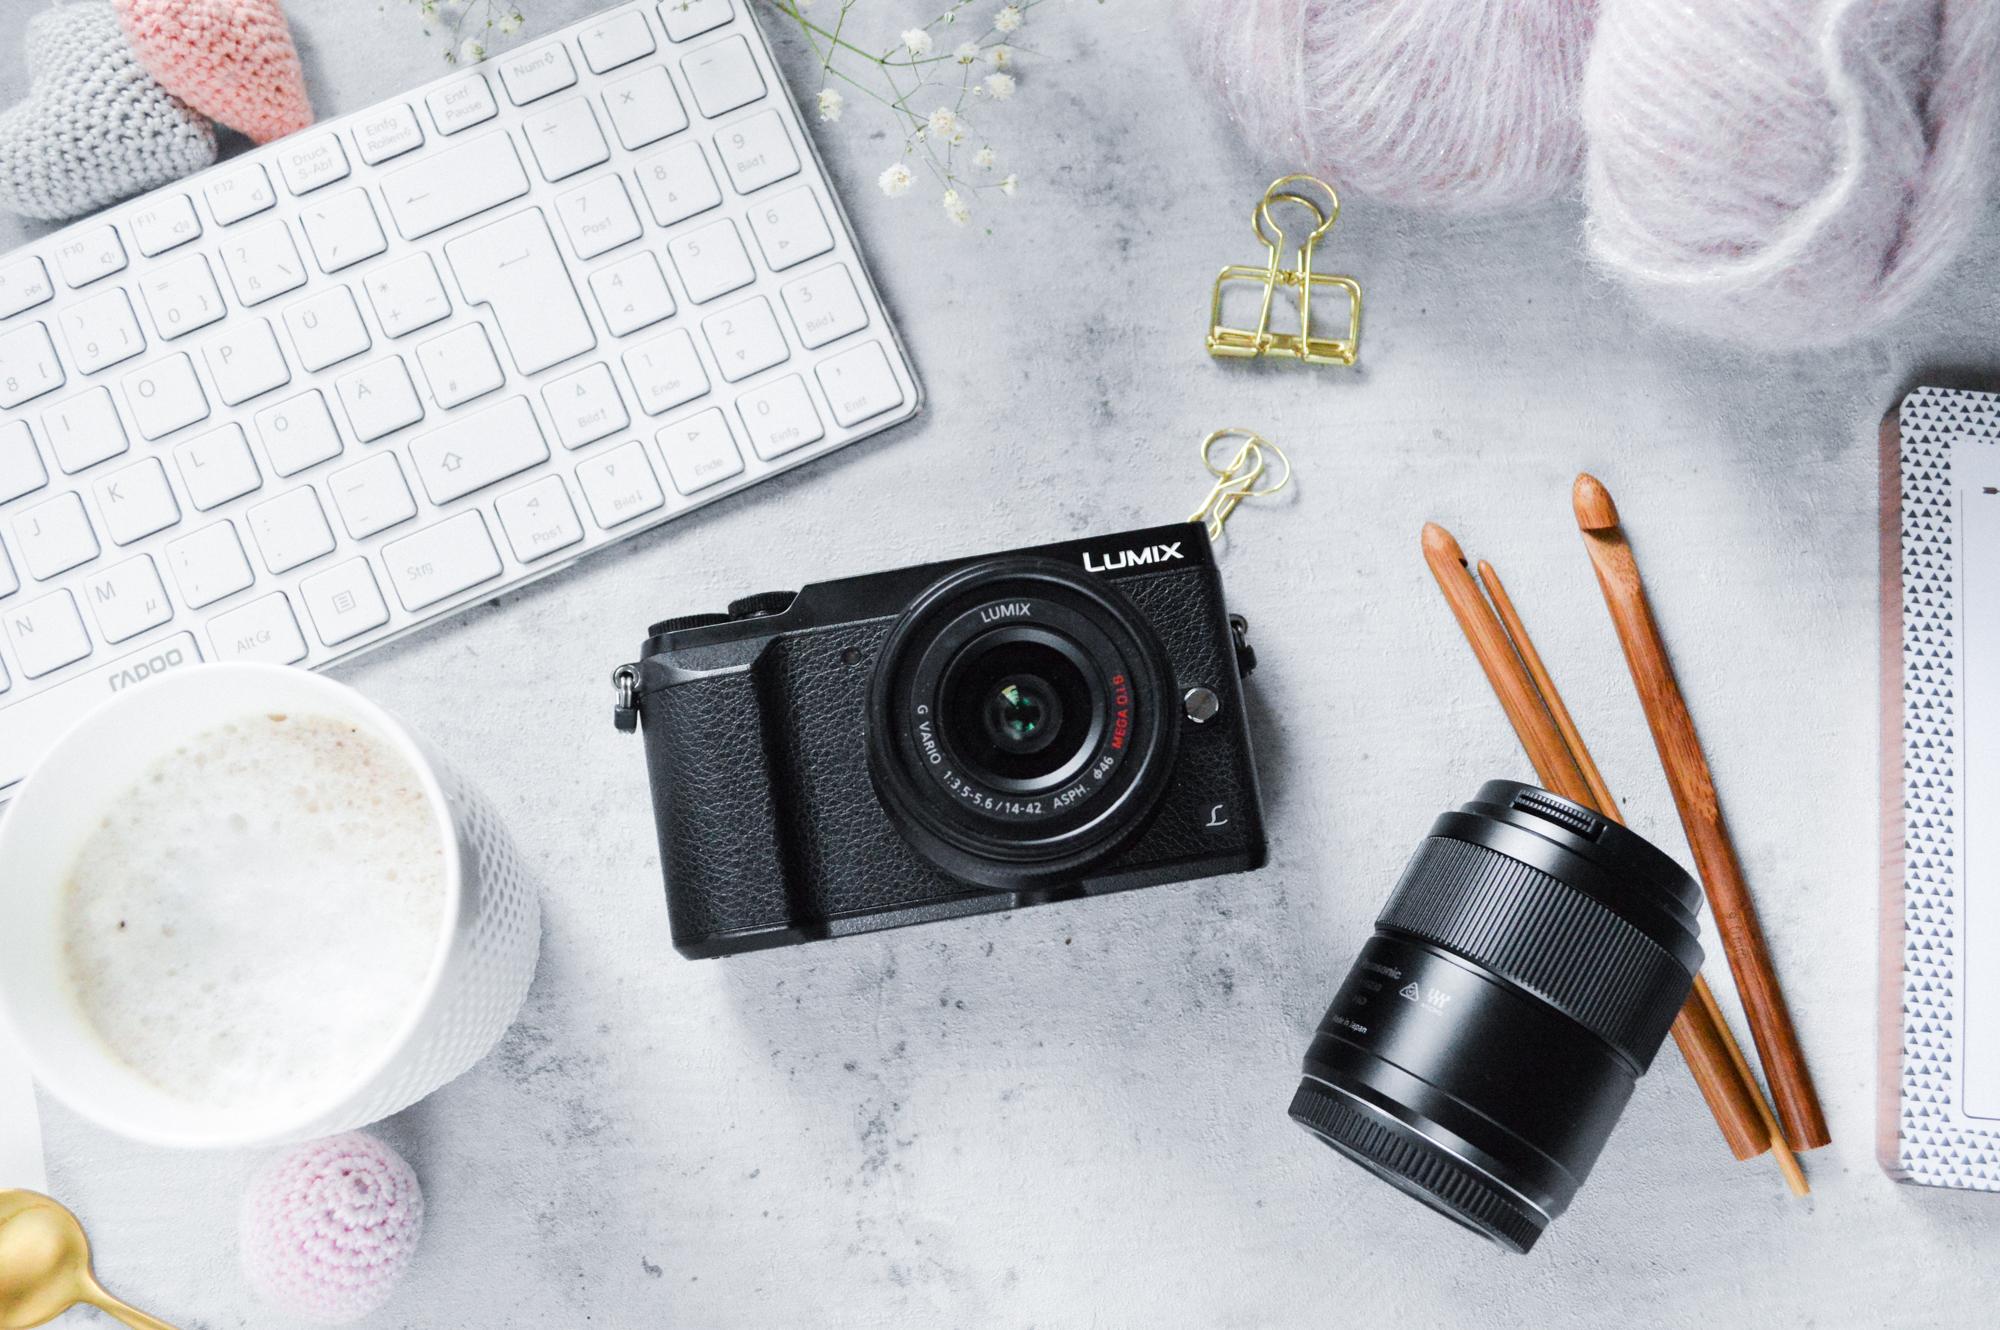 Meine Kamera- Lumix von Panasonic